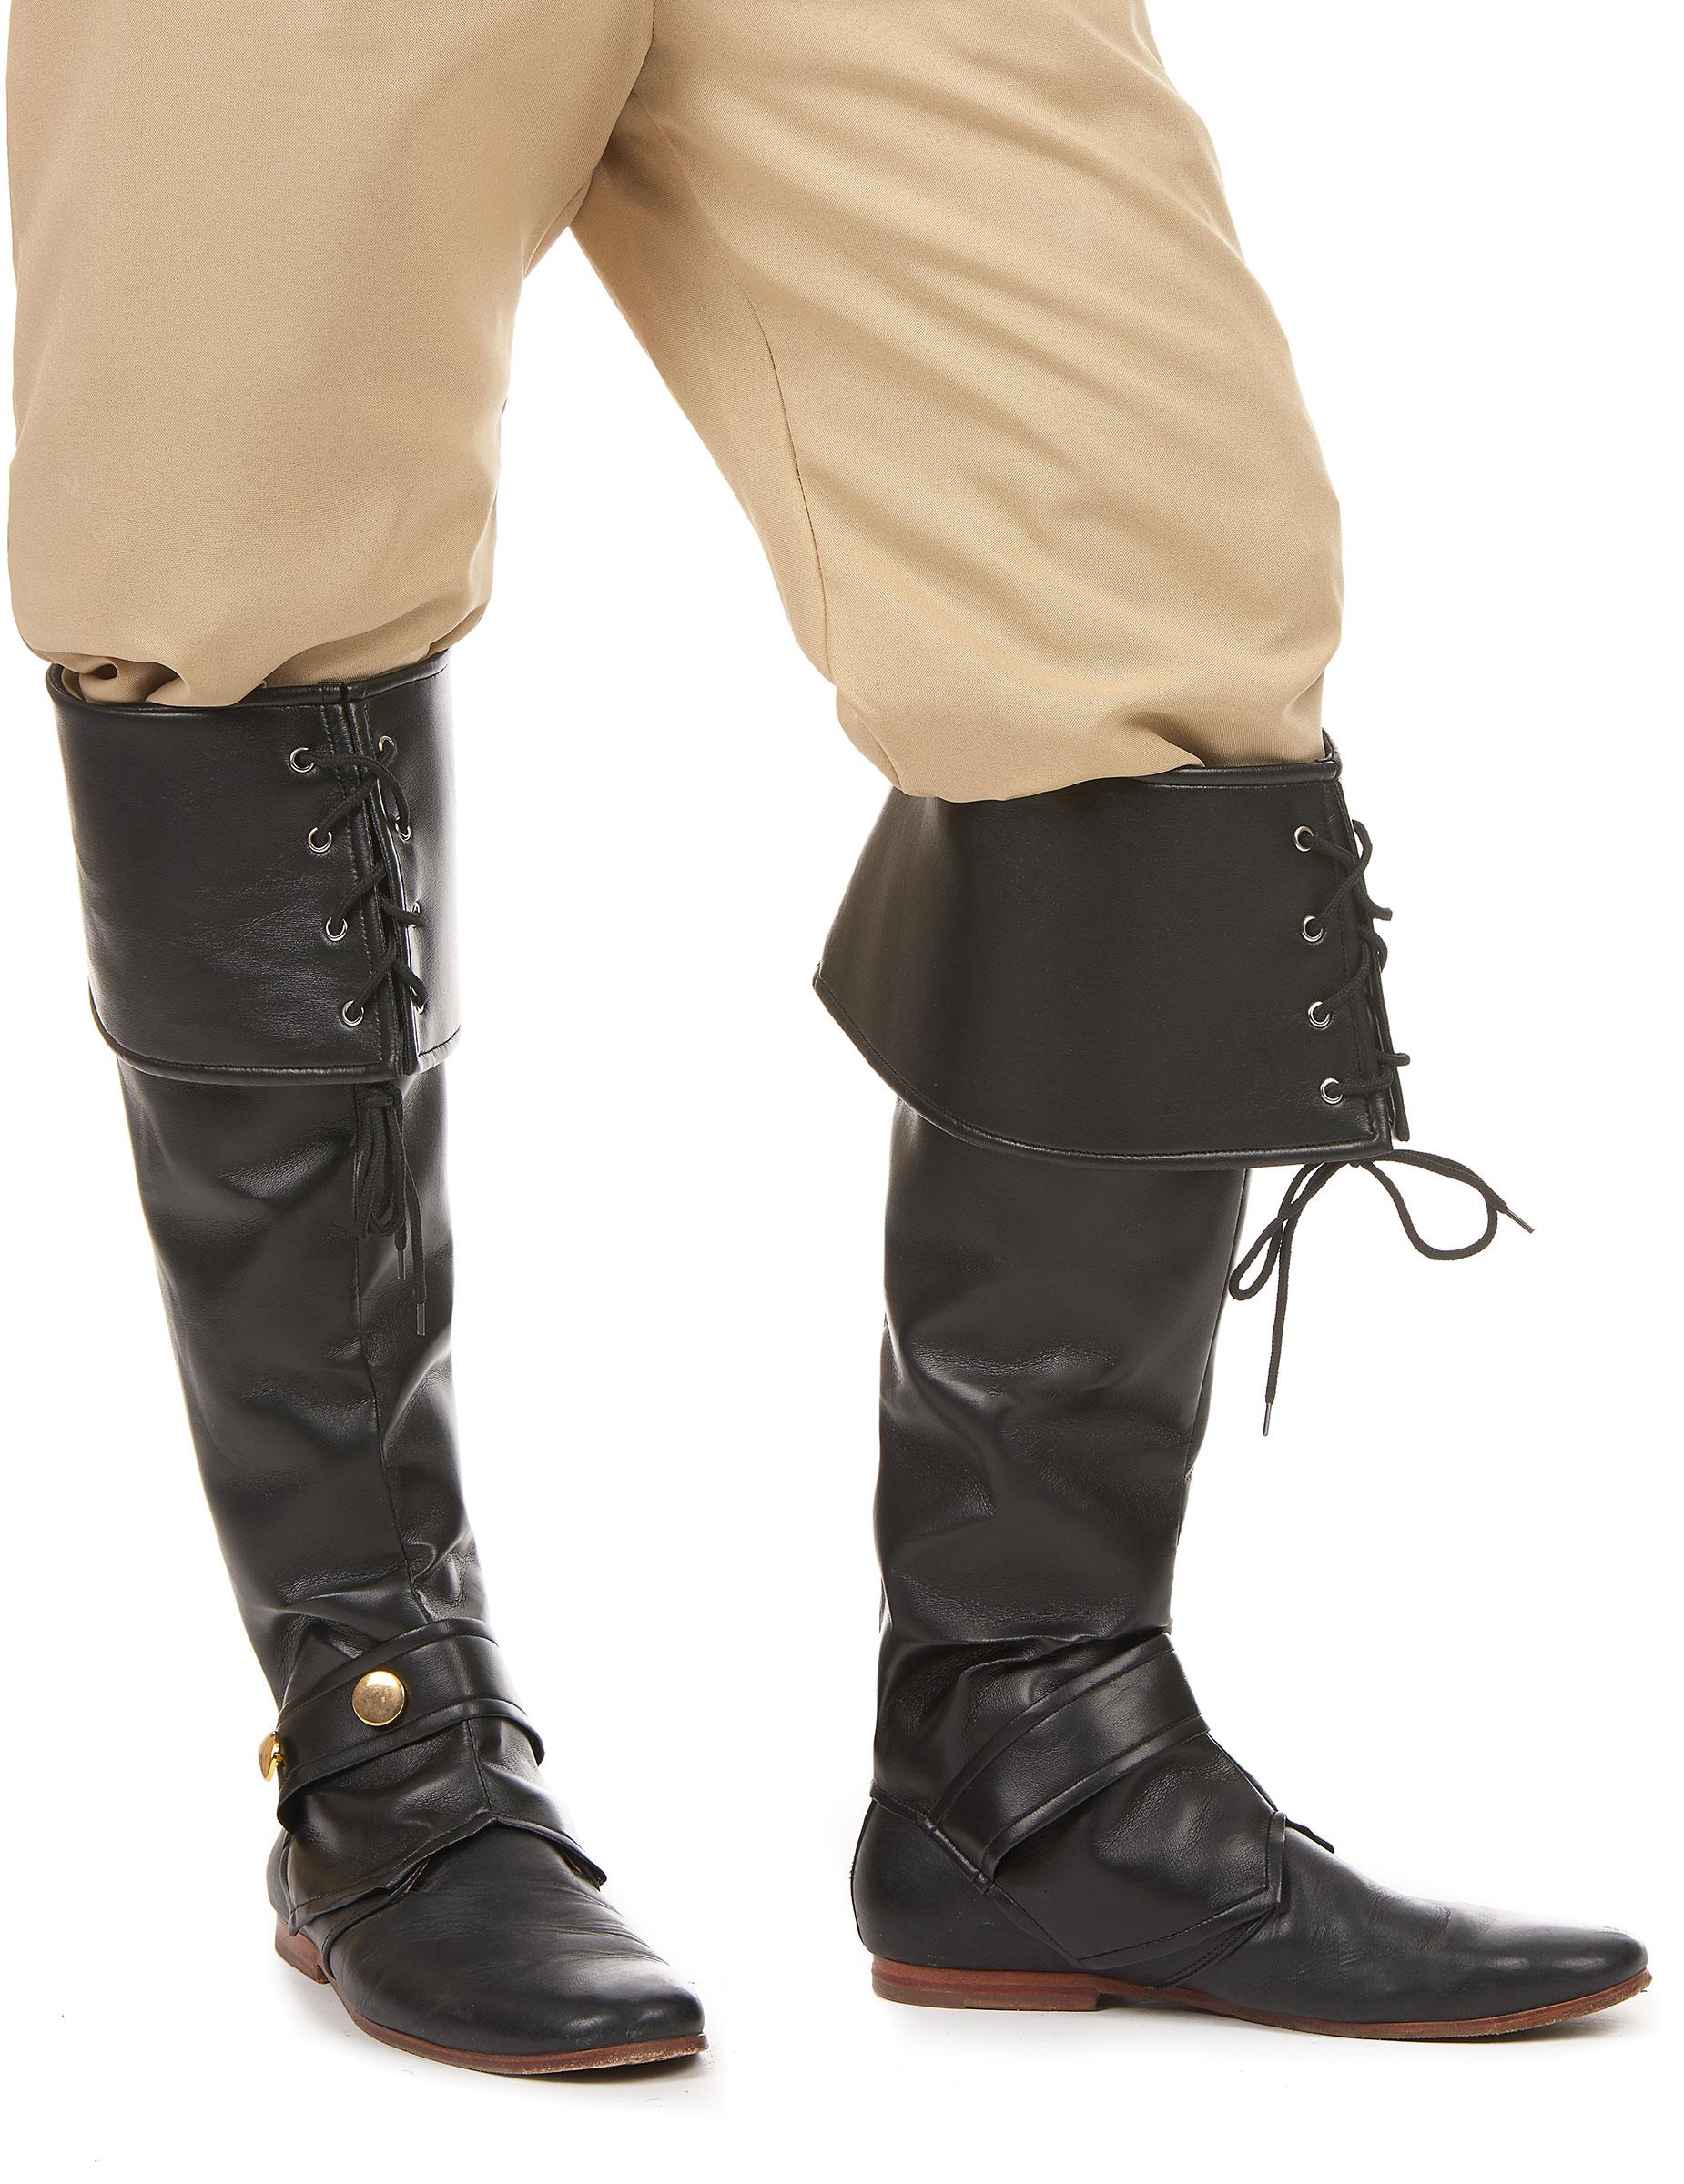 6b9bbdb3d0031f Sur-bottes noire simili cuir lacets et lanière cloutée adulte